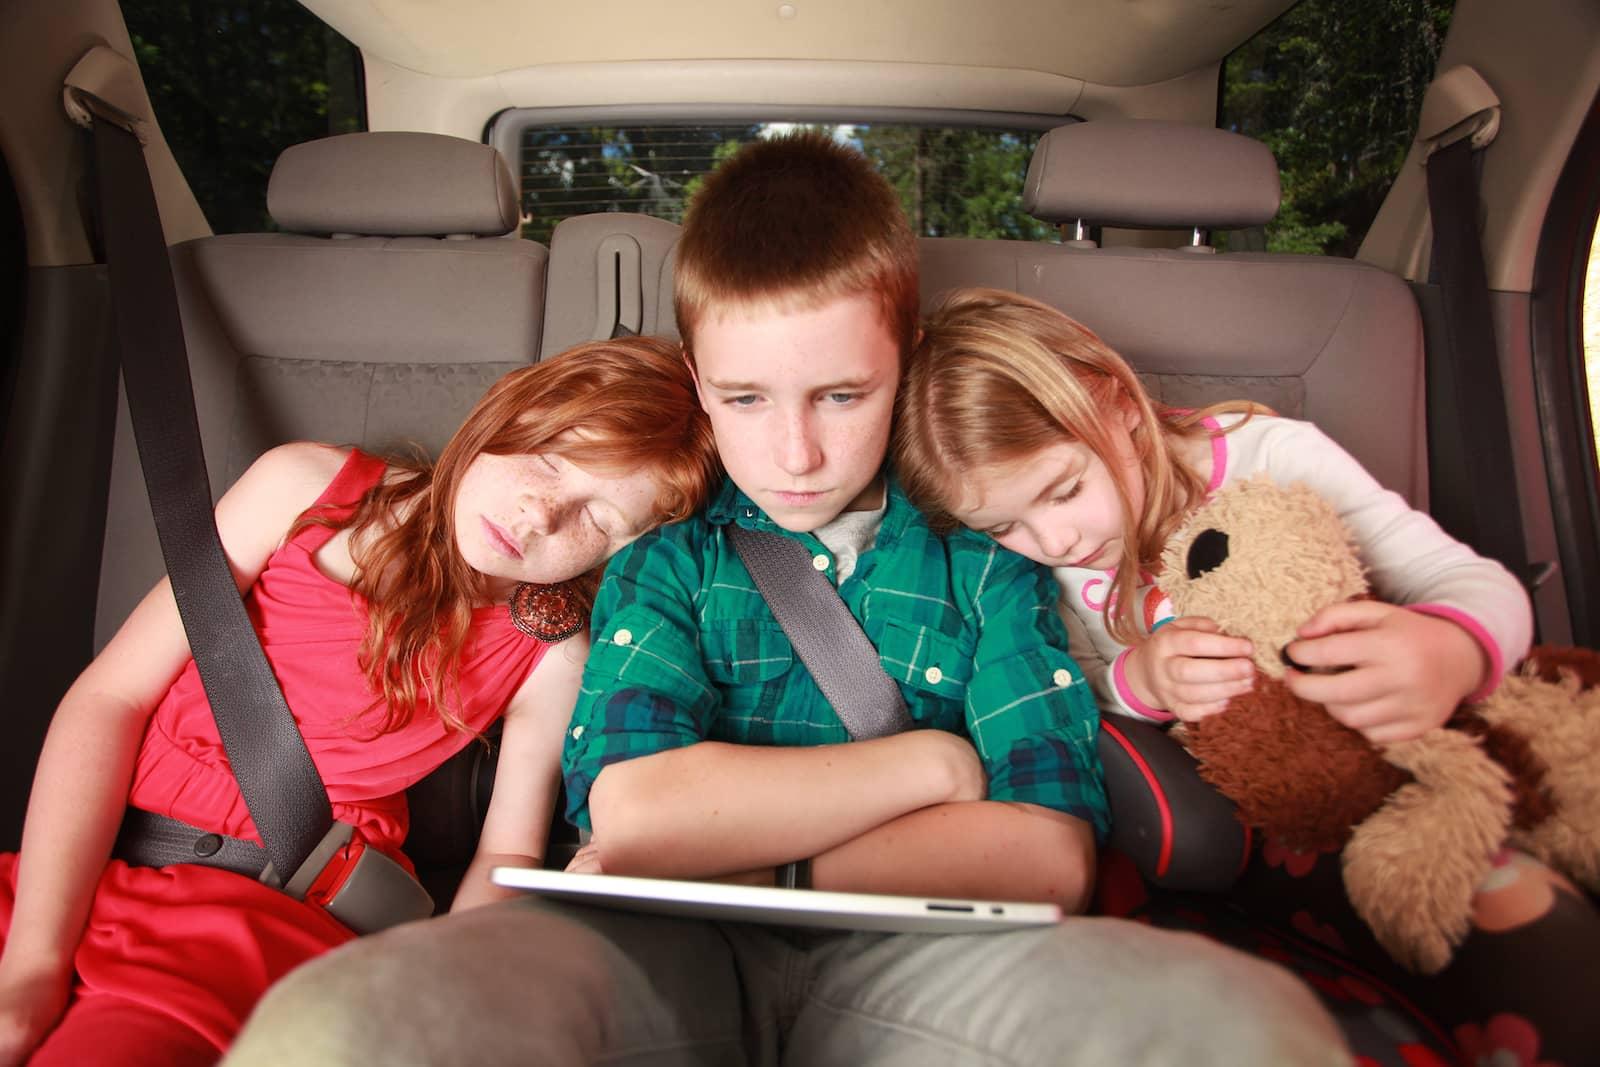 criança com tablet no carro 03